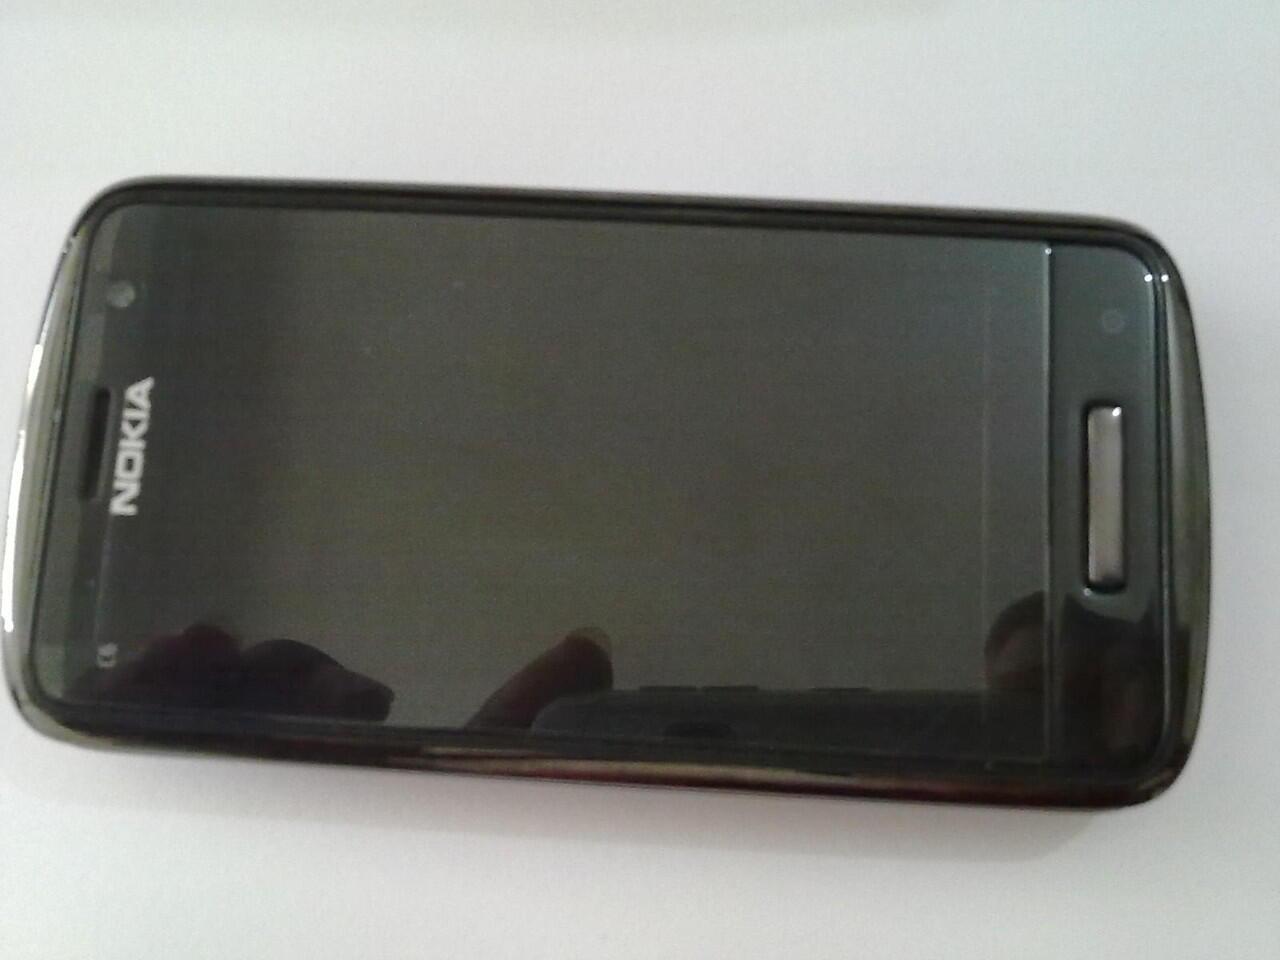 JUAL CEPAT NOKIA C6-01 (symbian Belle) KOMPLIT MULUS ISTIMEWA SEMARANG